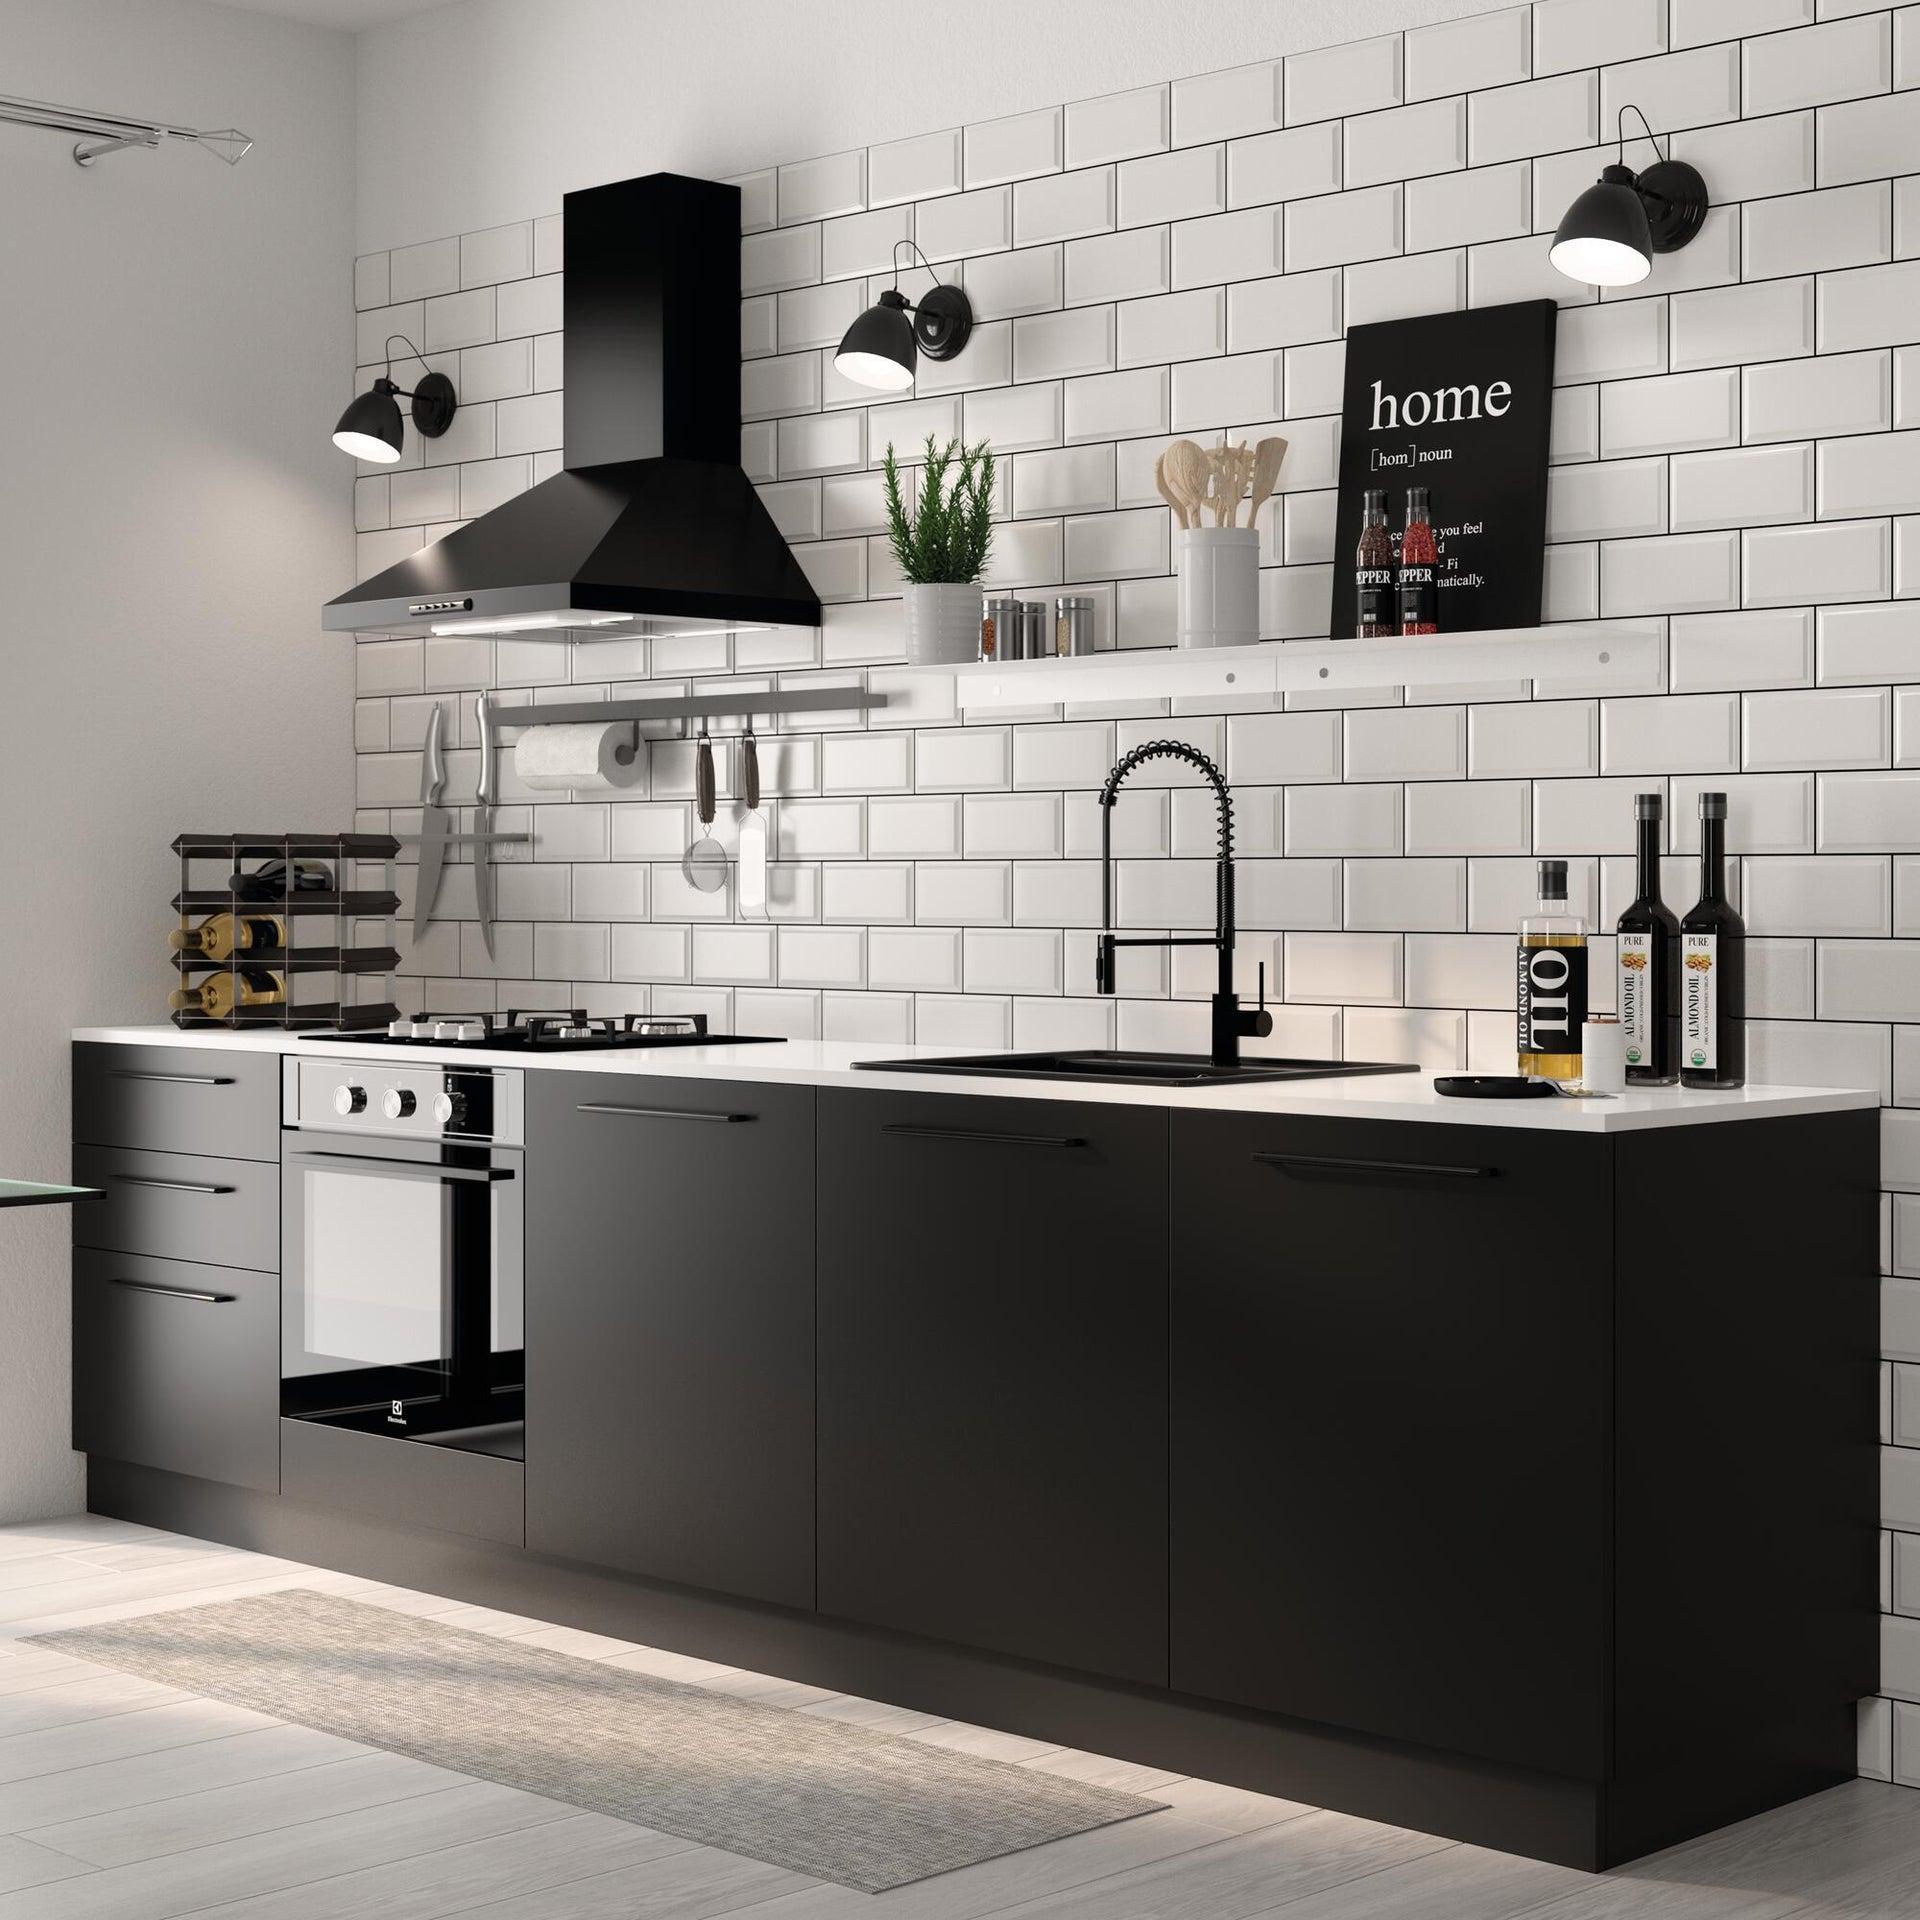 Miscelatore da cucina Thomas verniciato nero, DELINIA - 6